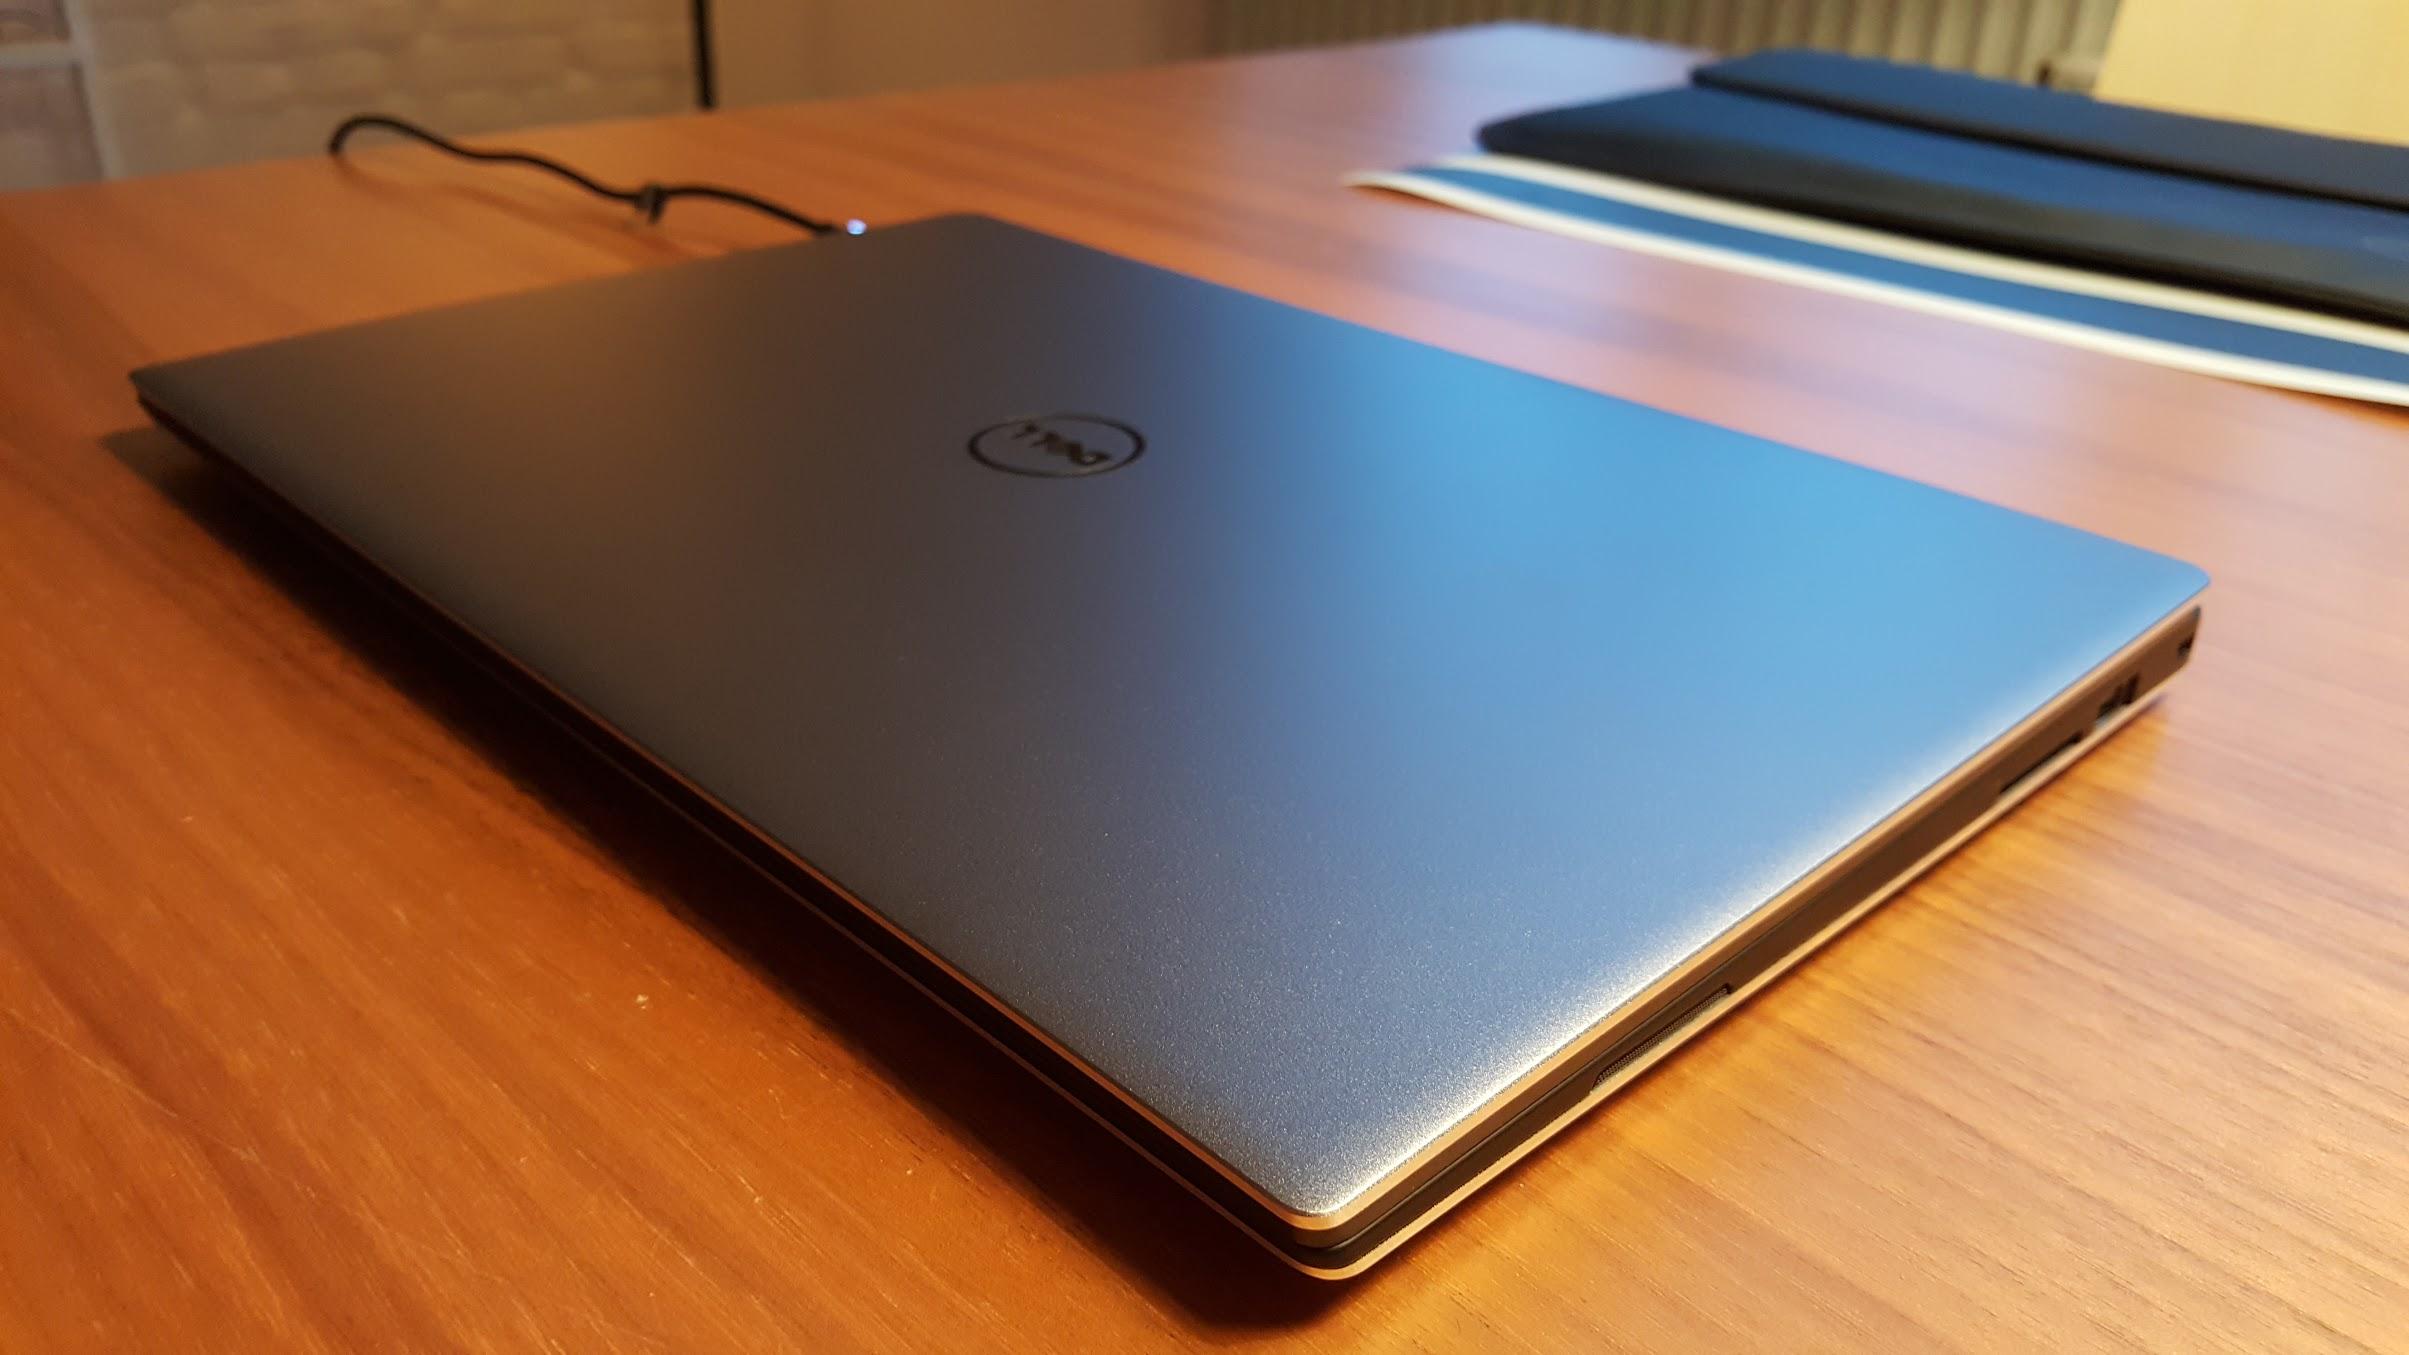 Anmeldelse af Dell XPS 13 Kaby Lake